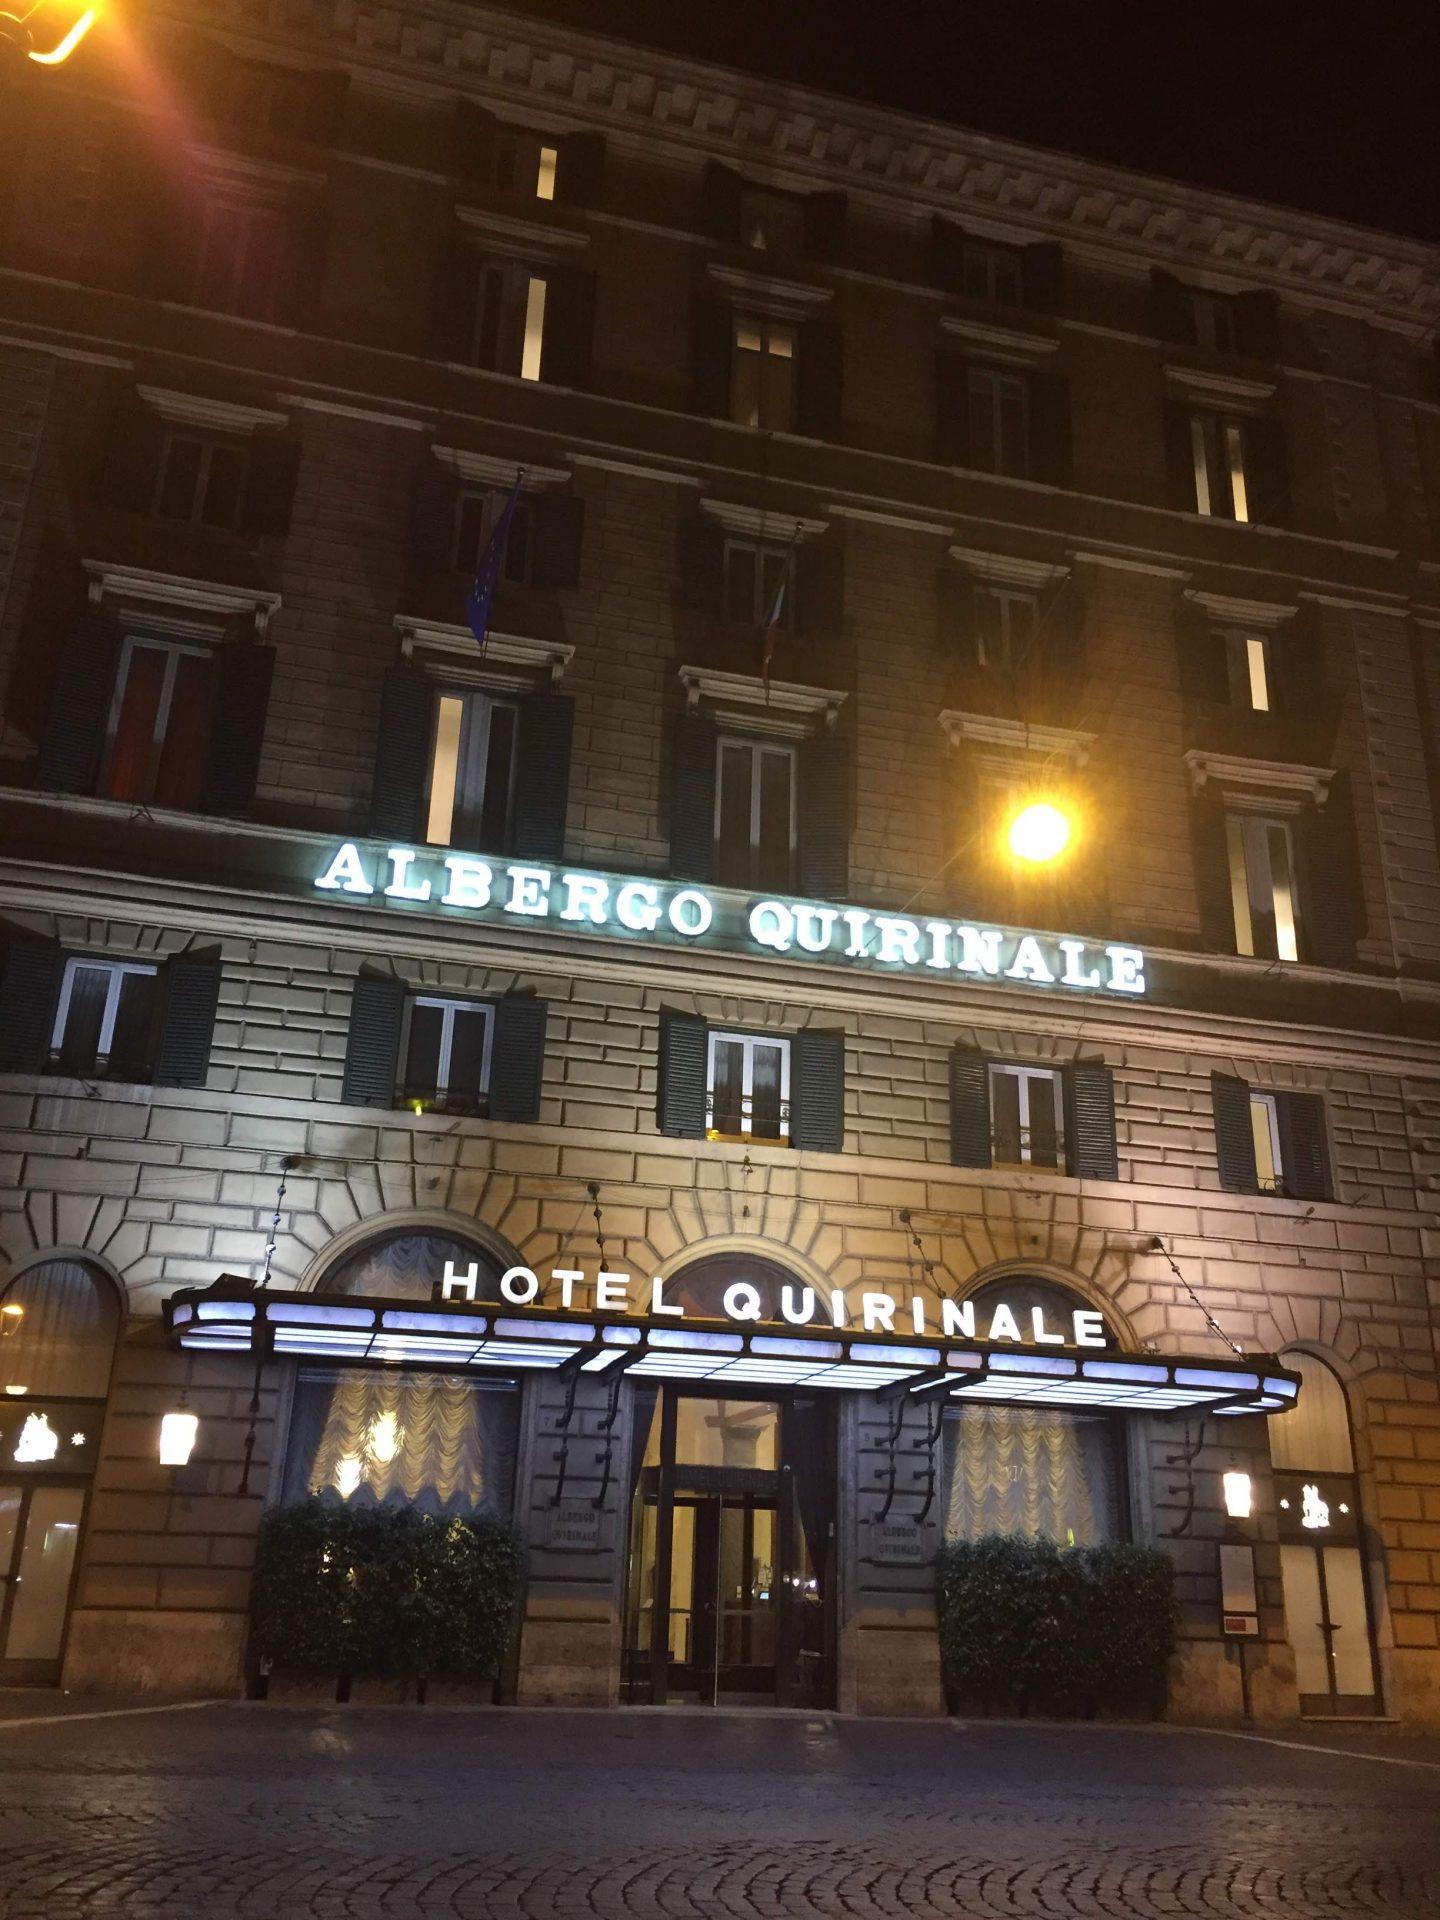 Hotel Quirinale, Rome near the Colosseum